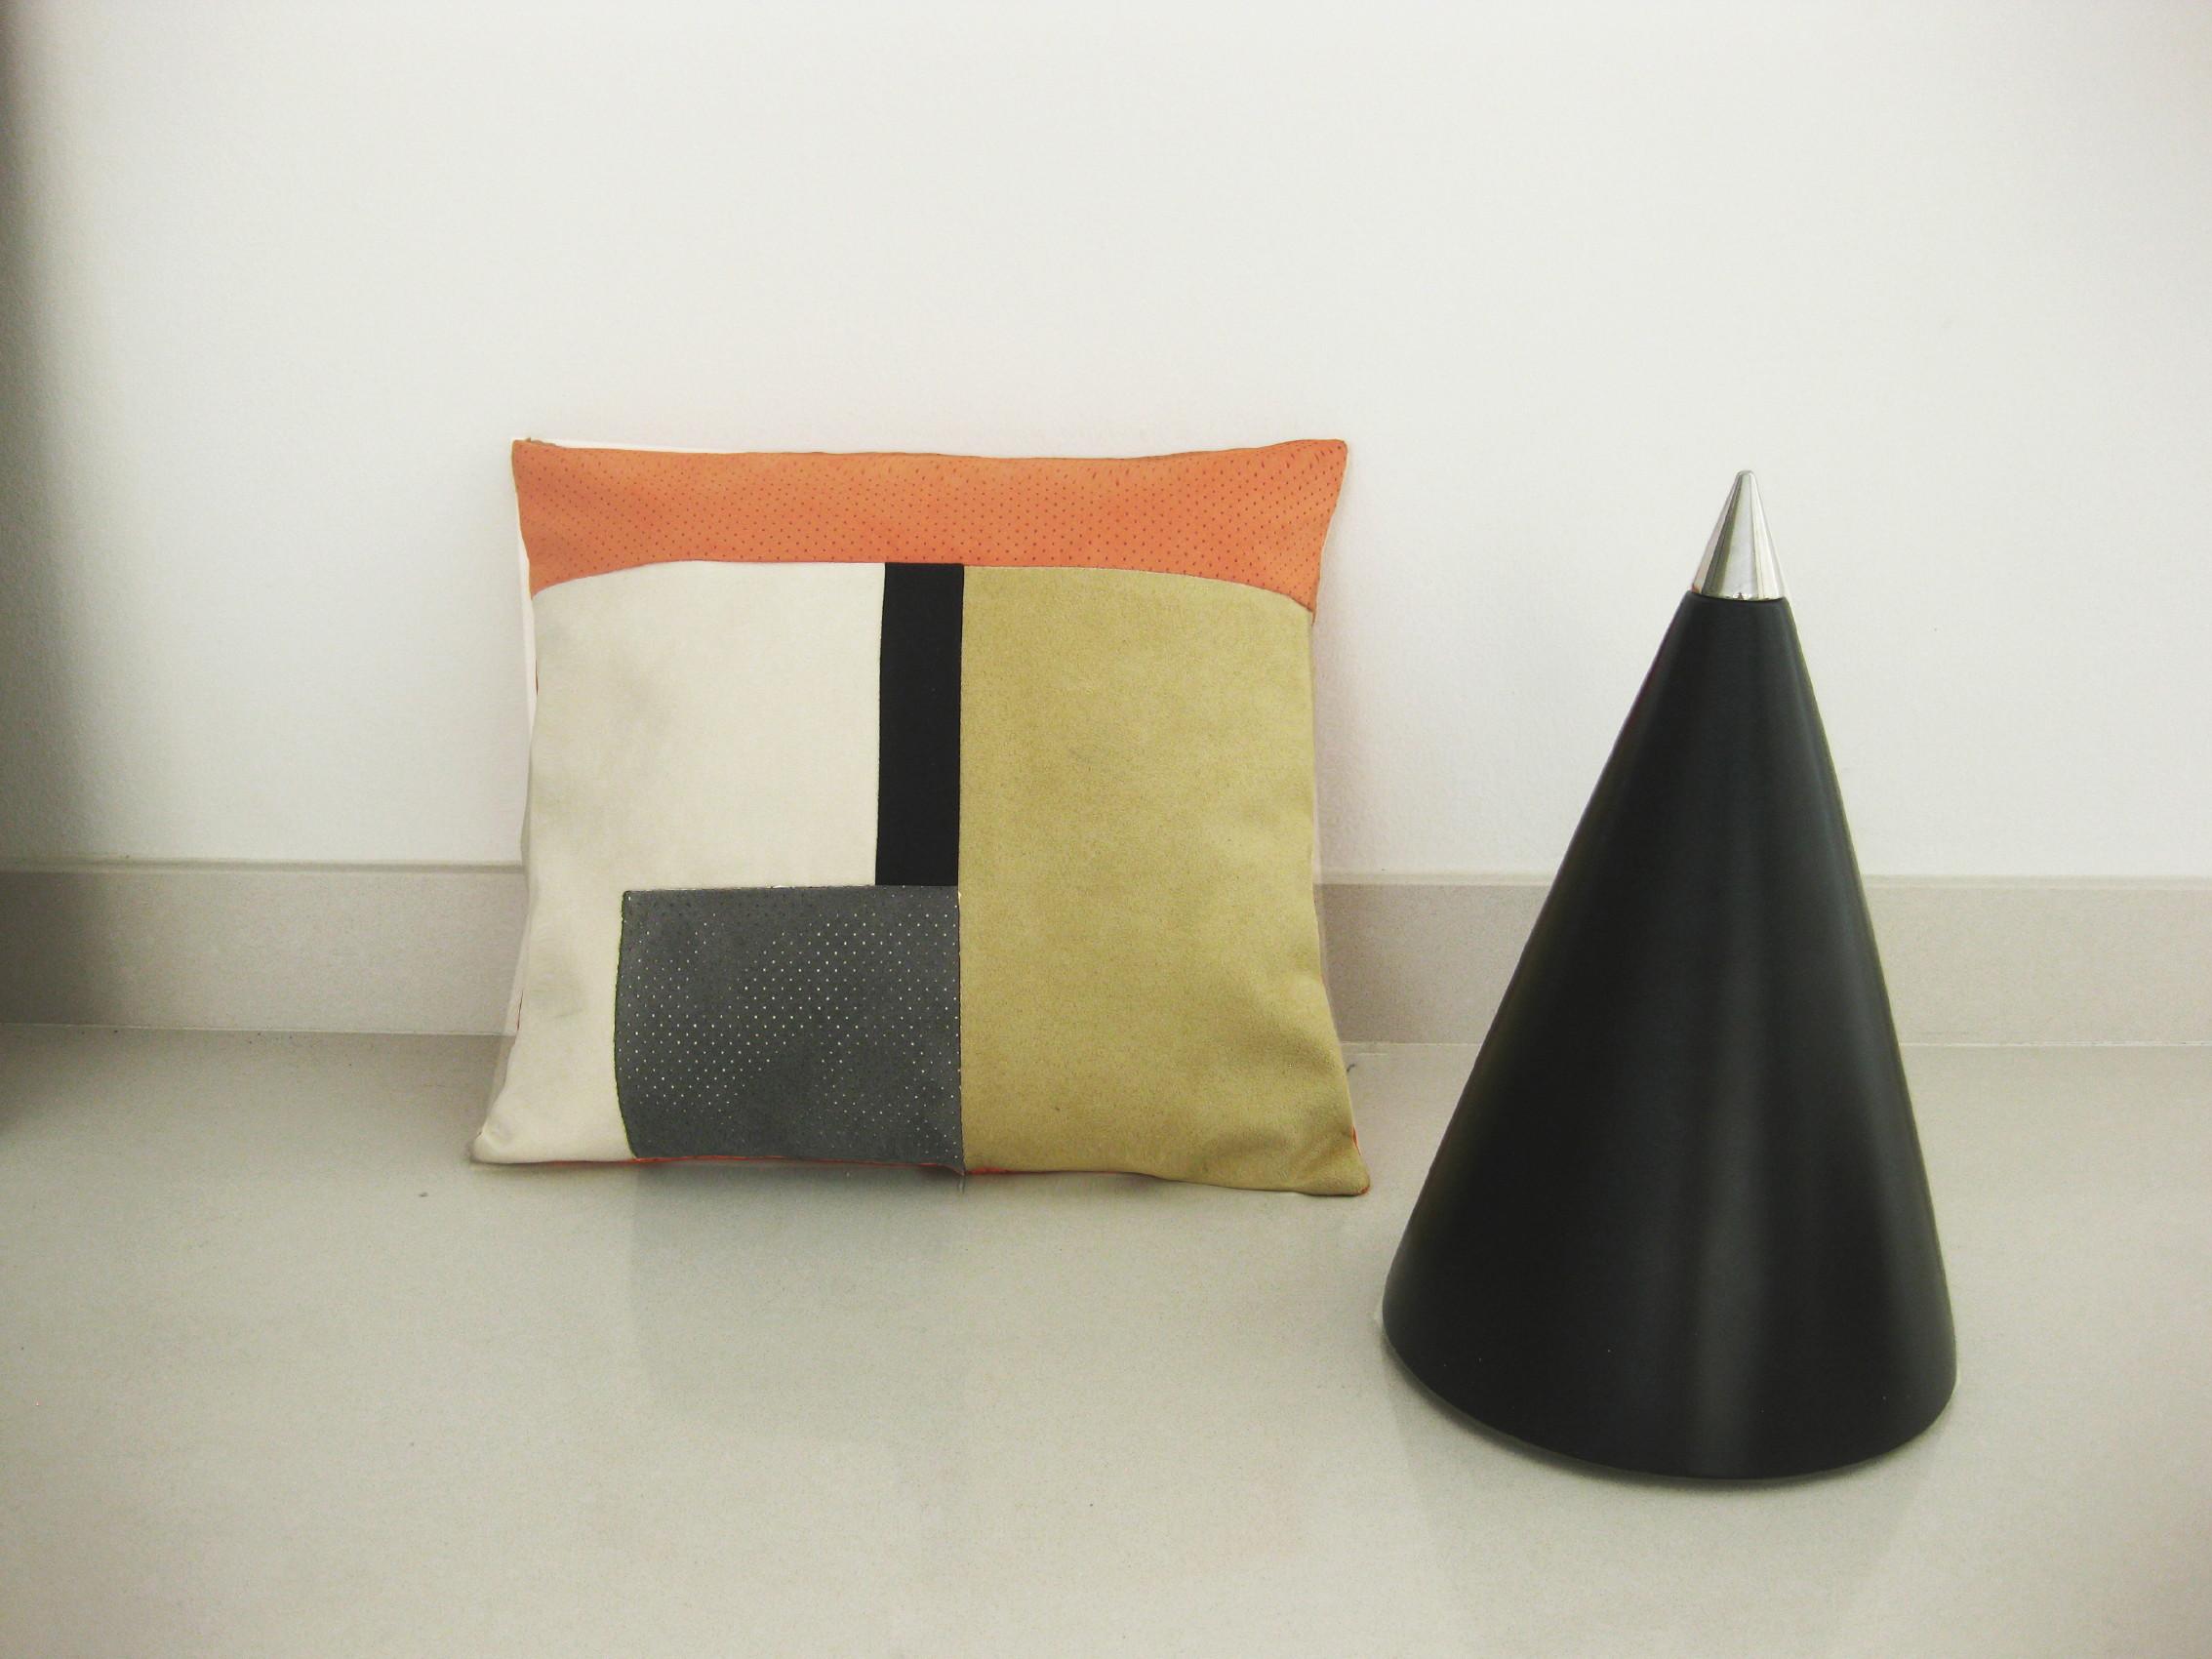 nova-linija-decora-kolekcija-jastuka-modne dizajnerice-marine-prevolsek-11